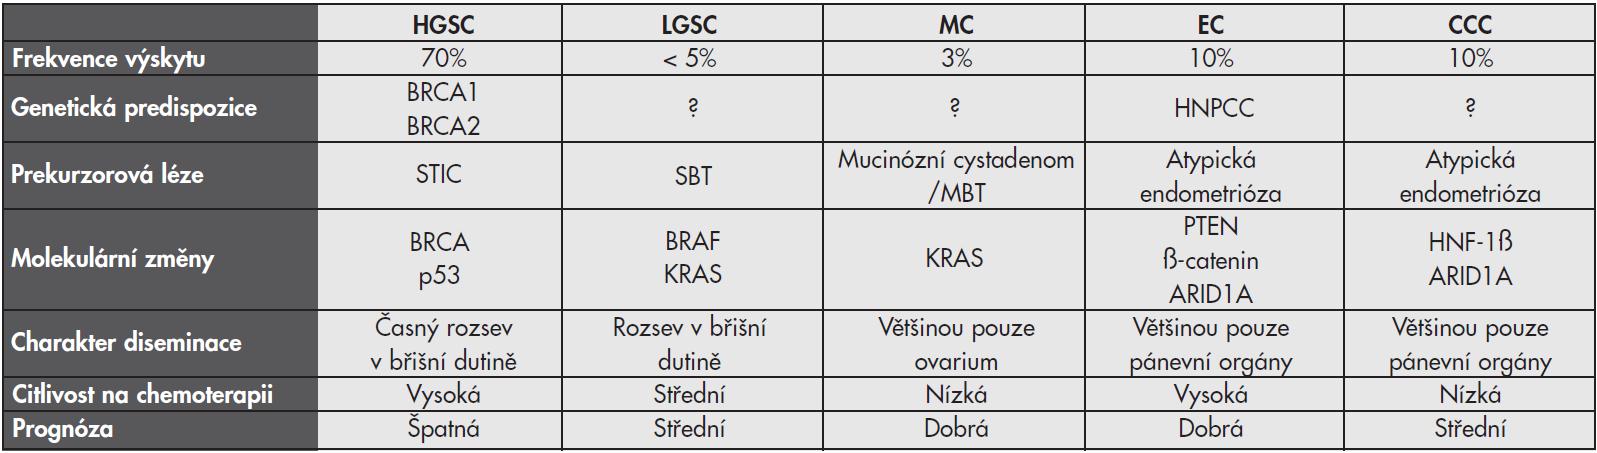 Základní charakteristiky jednotlivých histologických typů karcinomu ovaria.